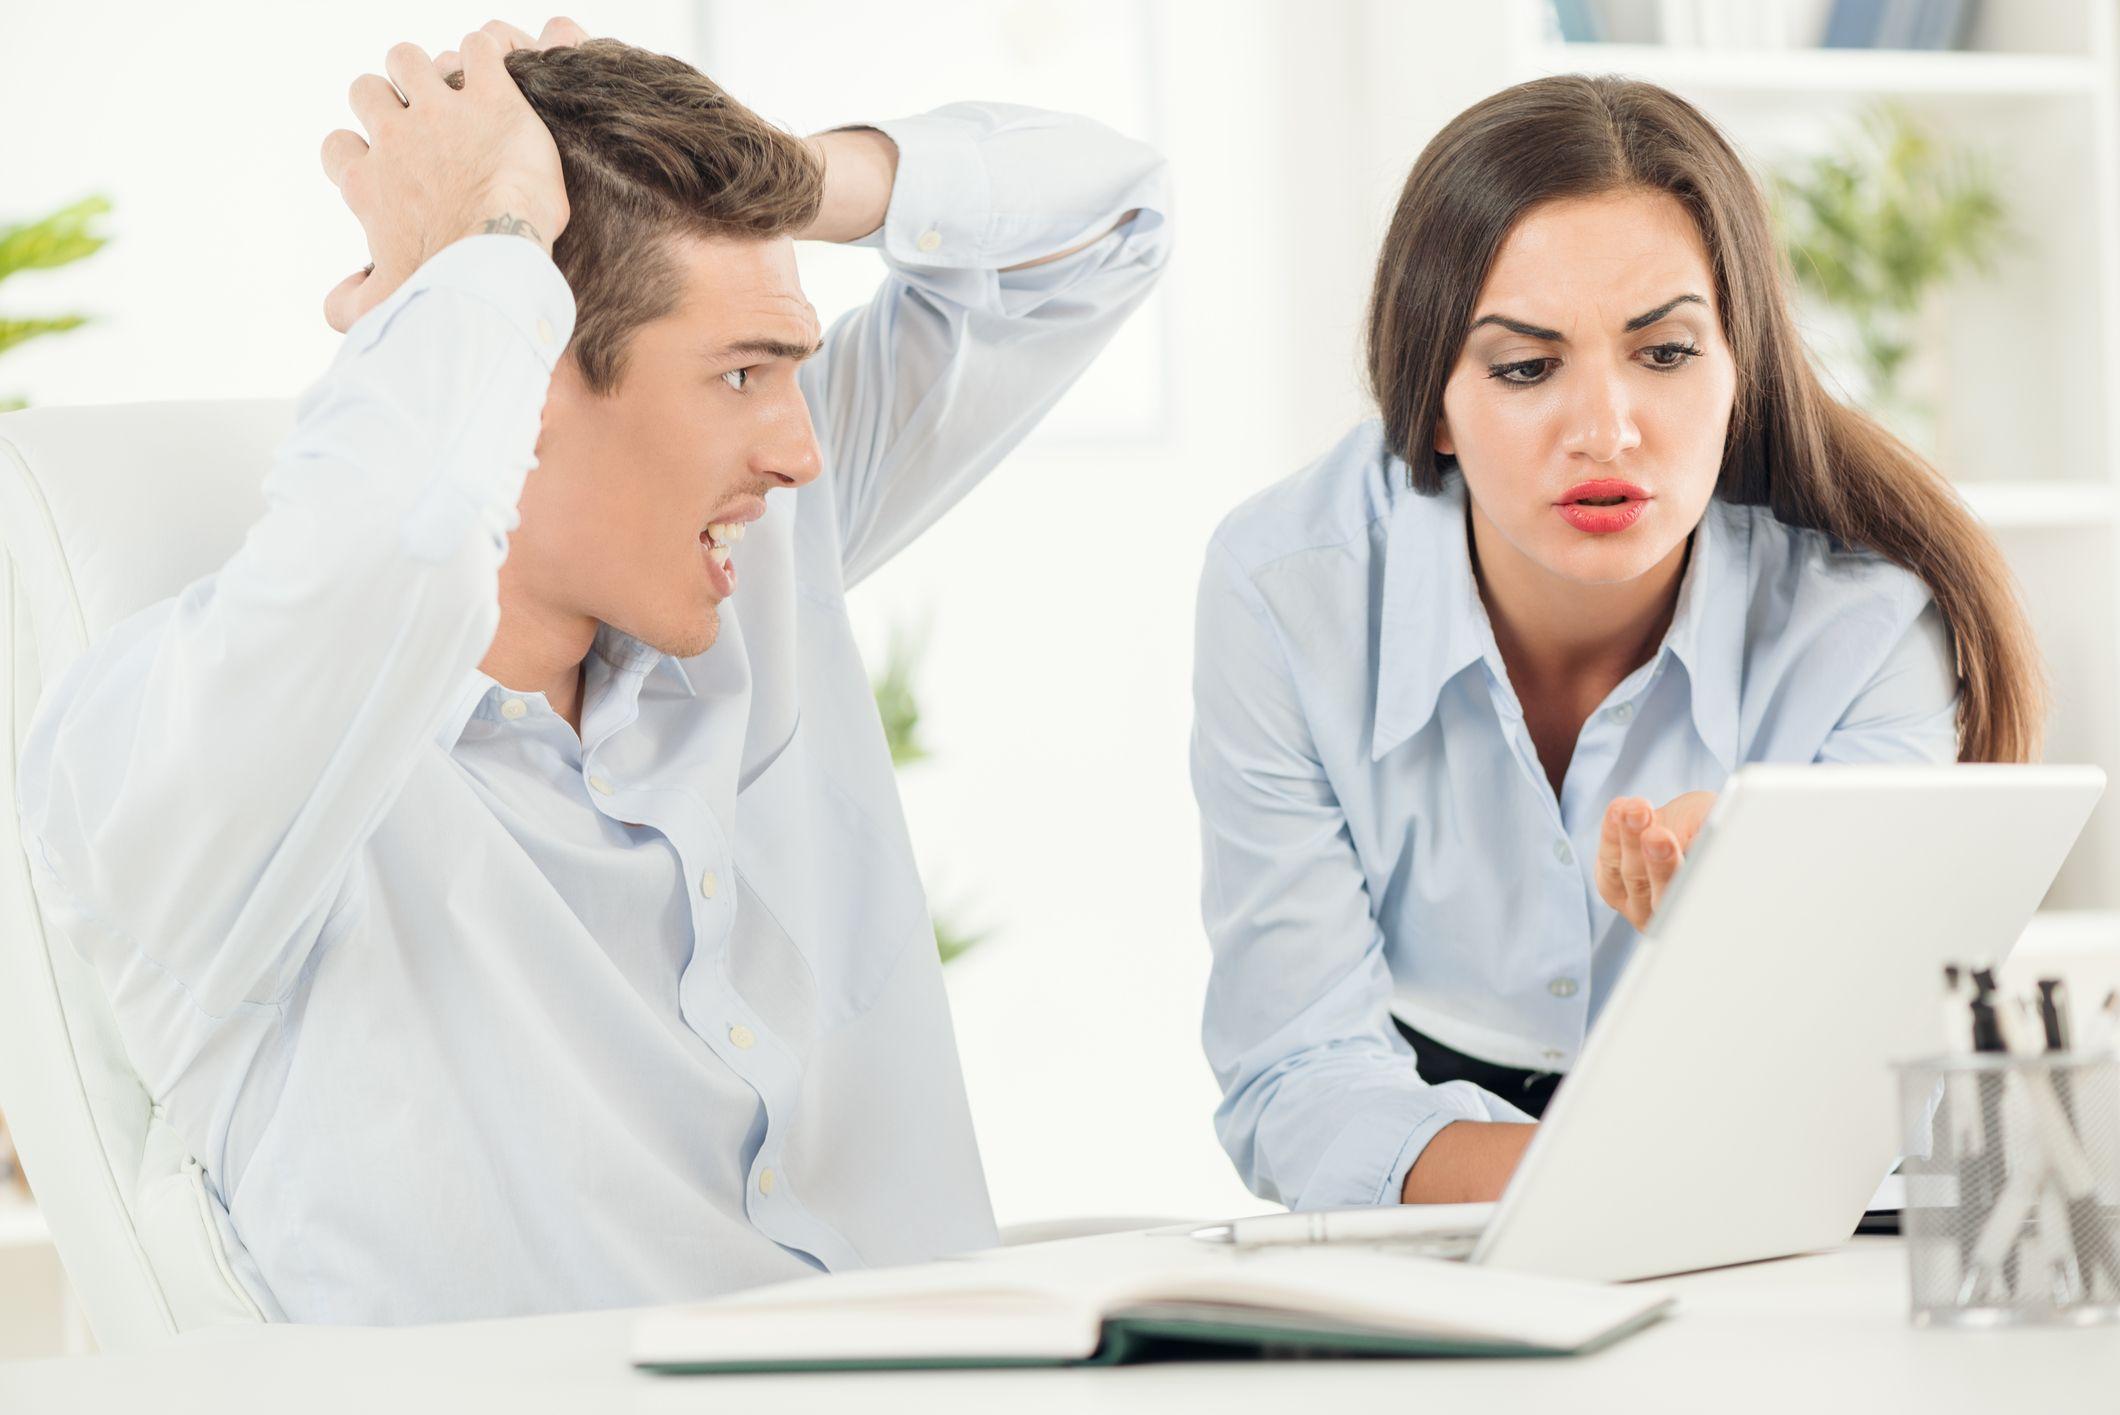 Rozliczanie listy płac osób do 26. r.ż - problemy (ZUS, składka zdrowotna, ograniczenie składki)